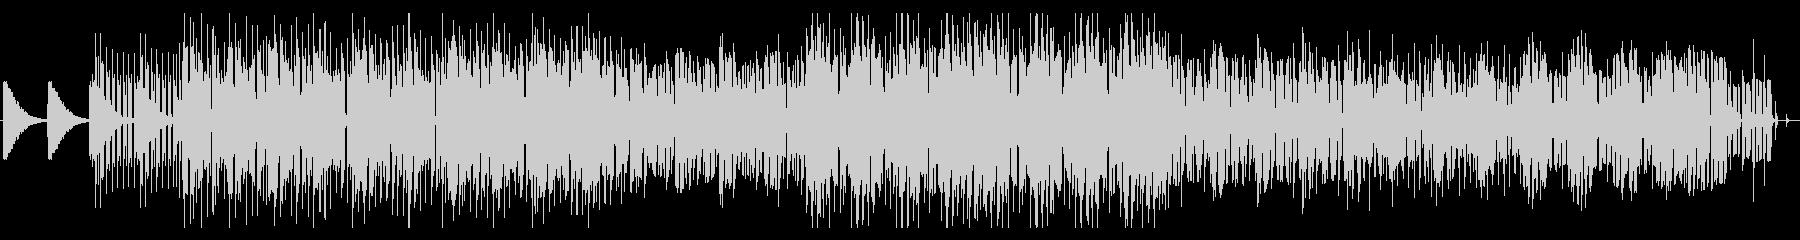 ピアノとボコーダーが印象的なEDMの未再生の波形